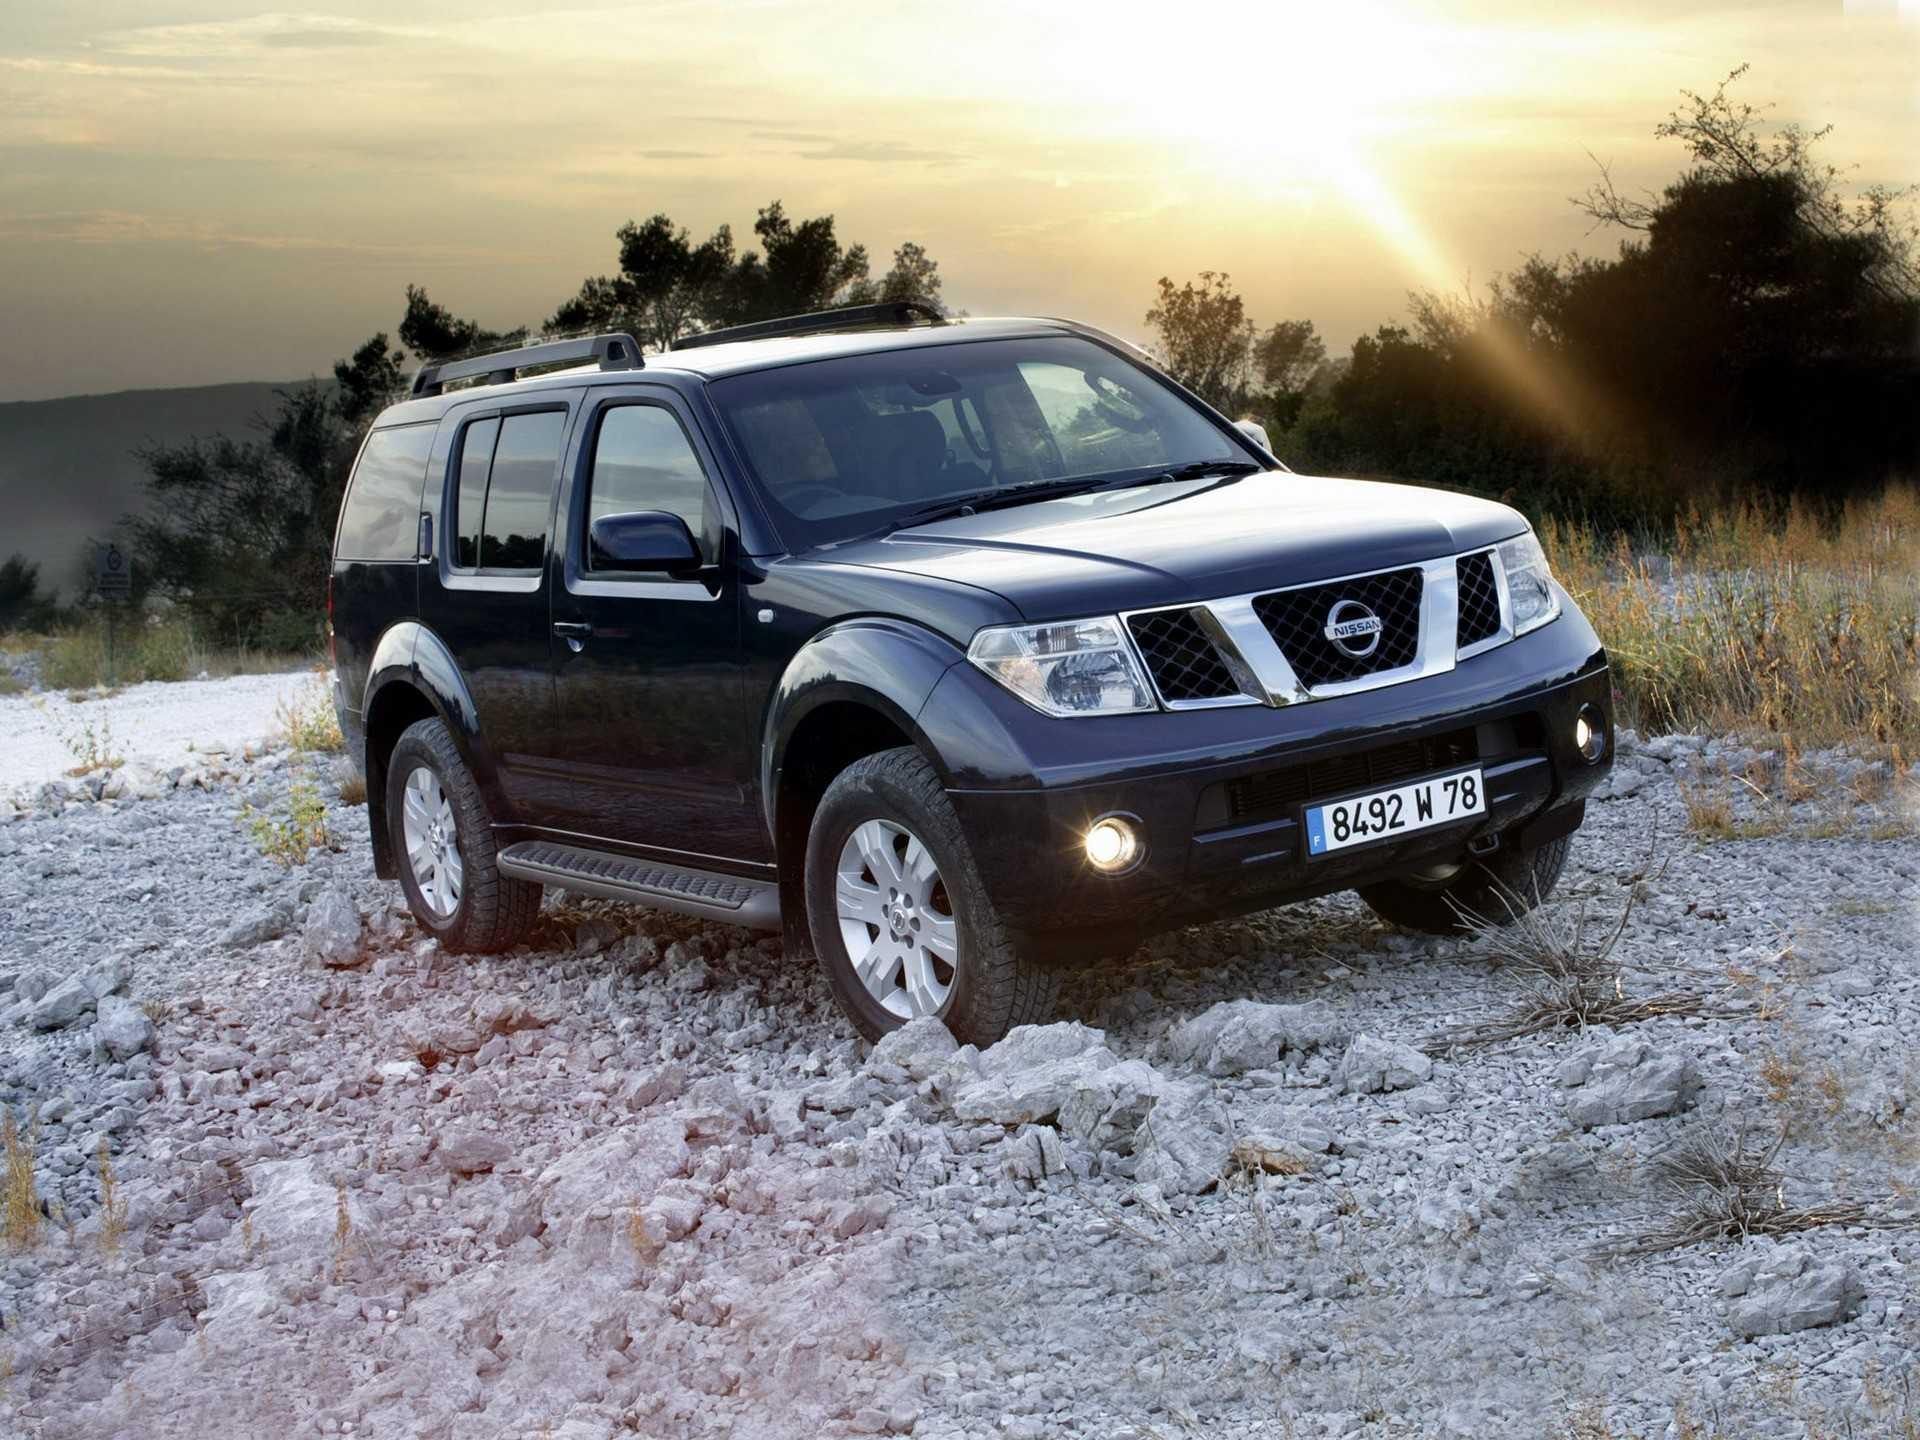 Пять причин любить и ненавидеть Nissan Pathfinder III - КОЛЕСА.ру – автомобильный журнал